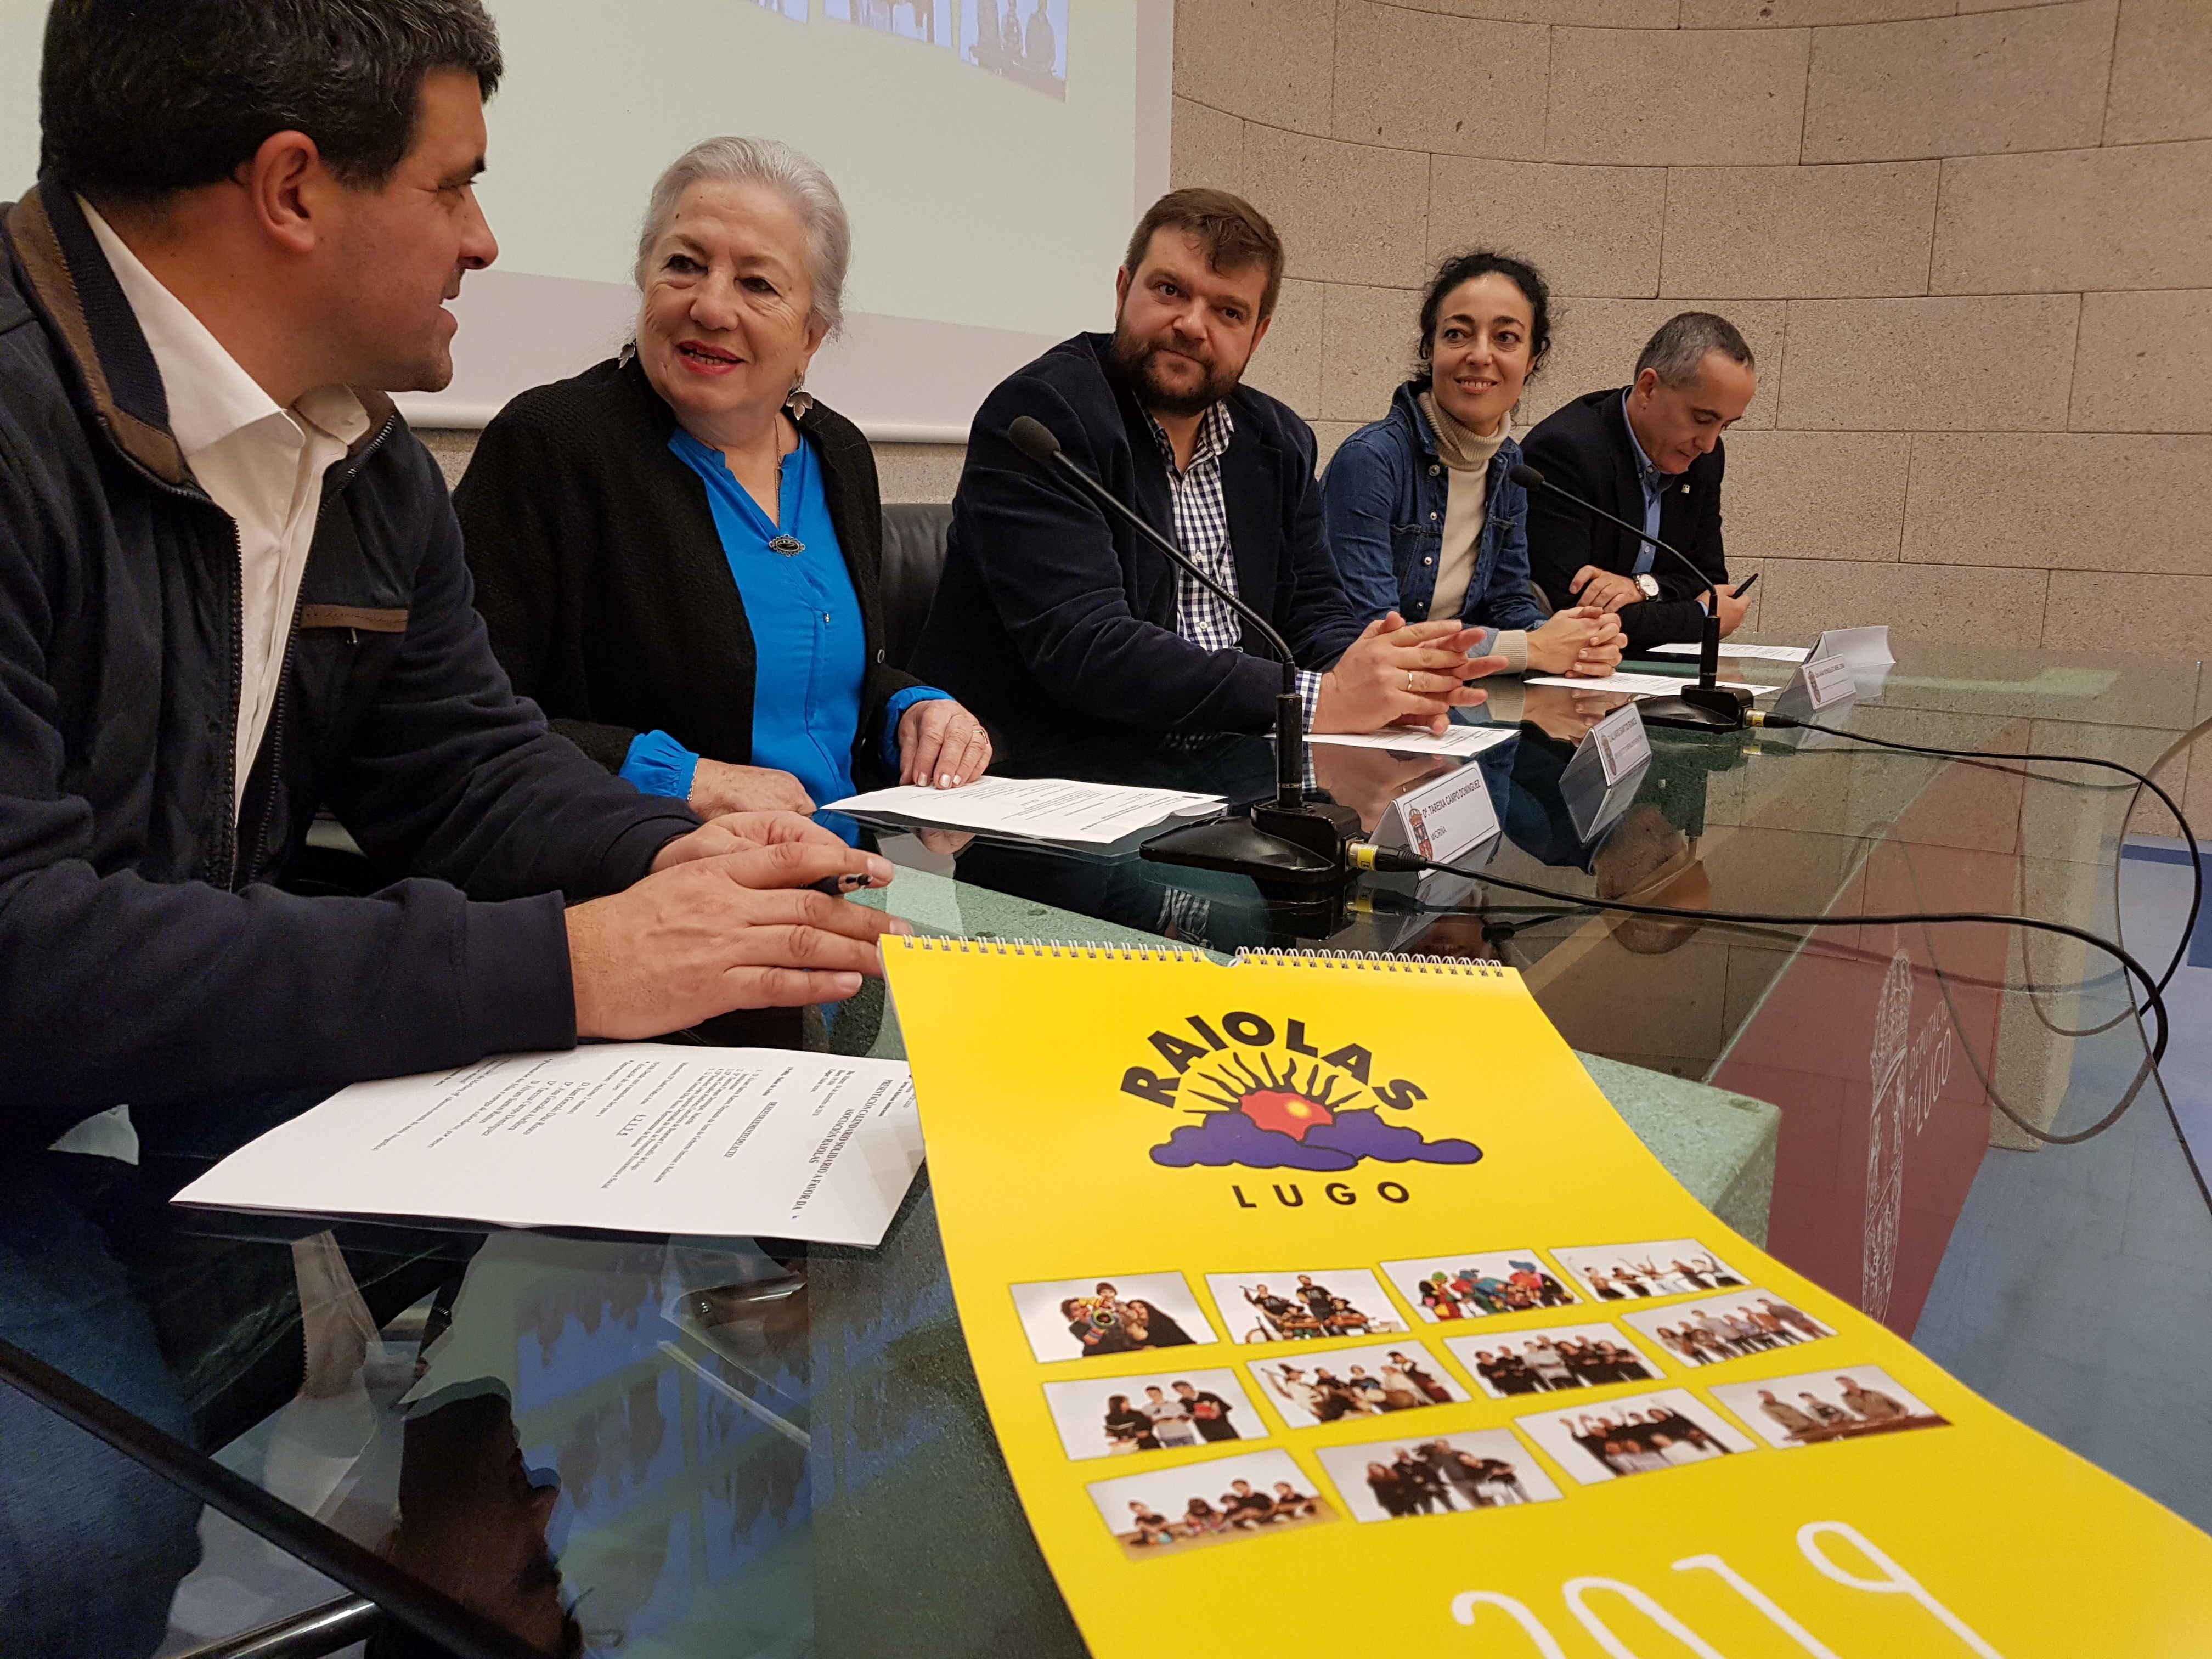 A Deputación promove con Raiolas a venda de 600 calendarios solidarios cos que recadar fondos para a asociación